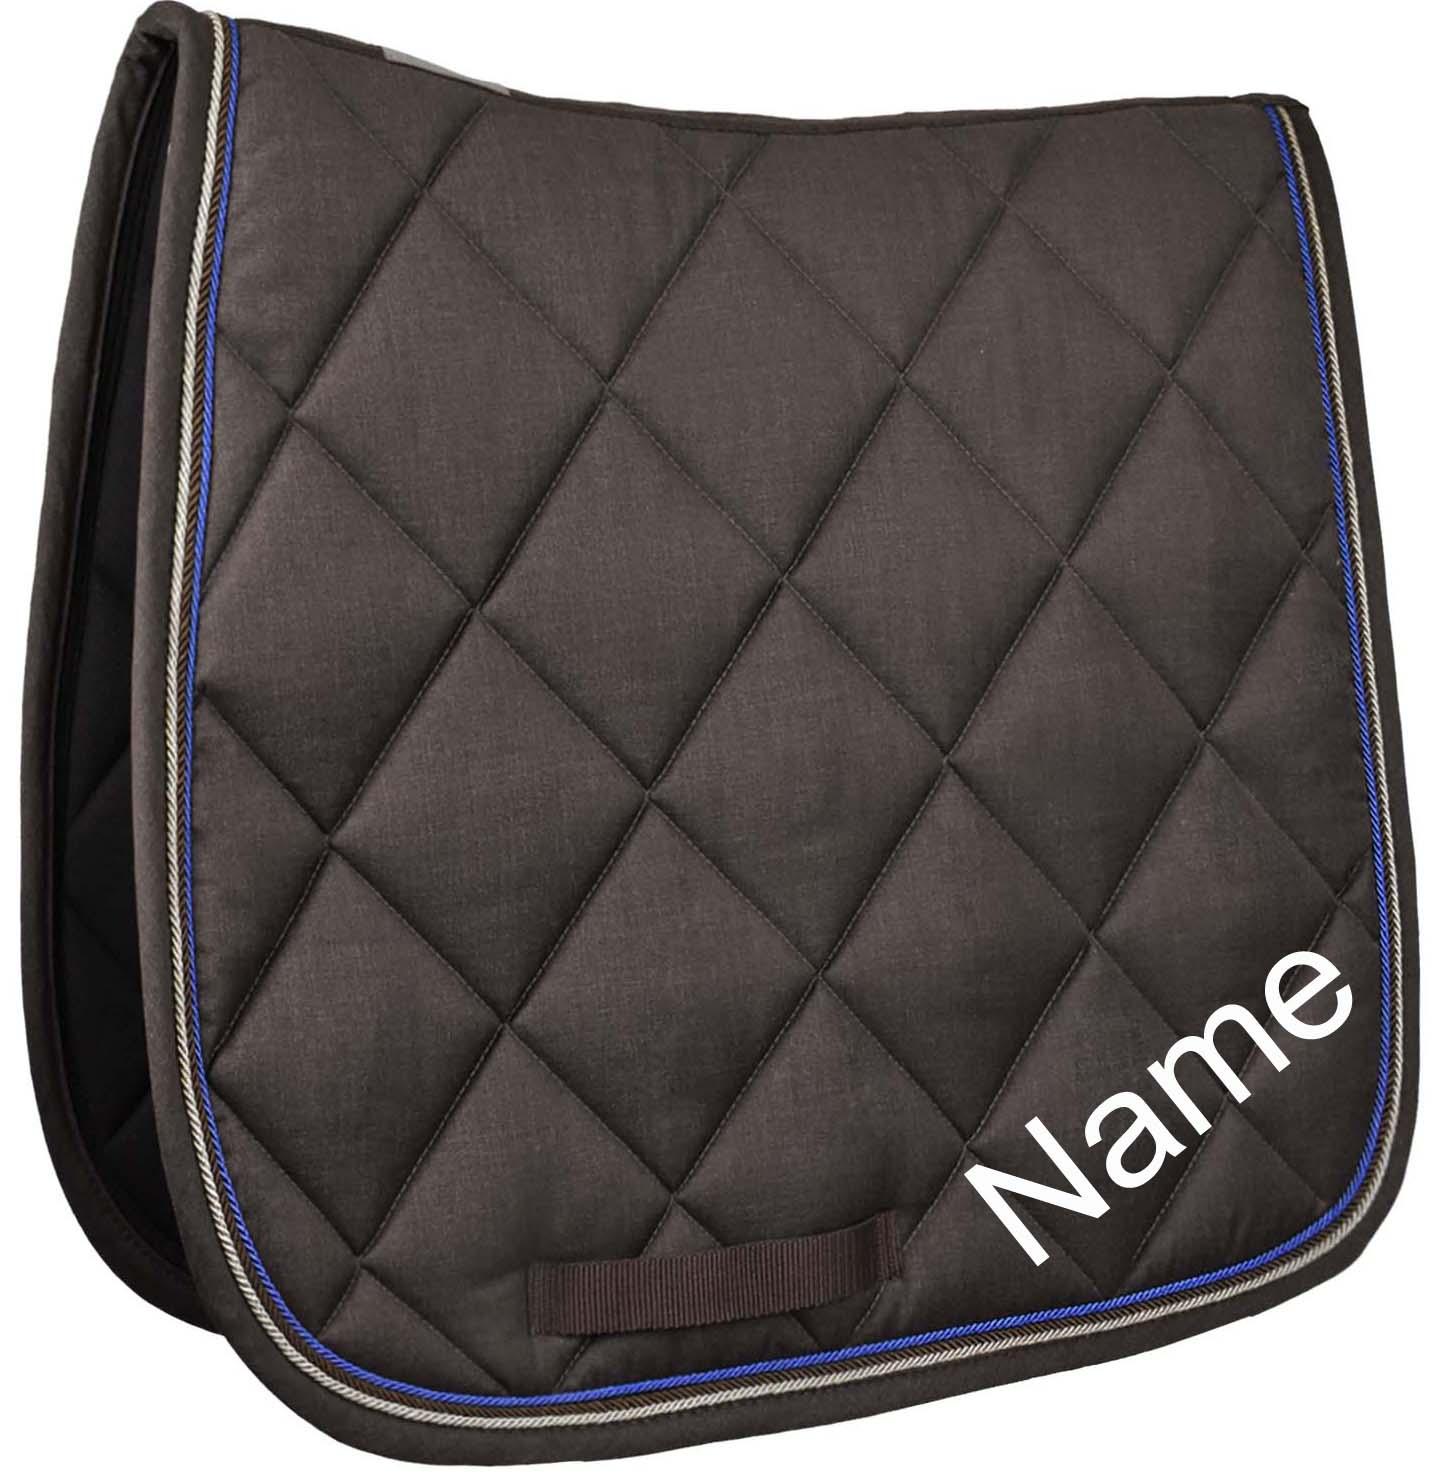 Esperado Dressur Schabracke Blazer braun/blue inkl. individuellem Namen bestickt